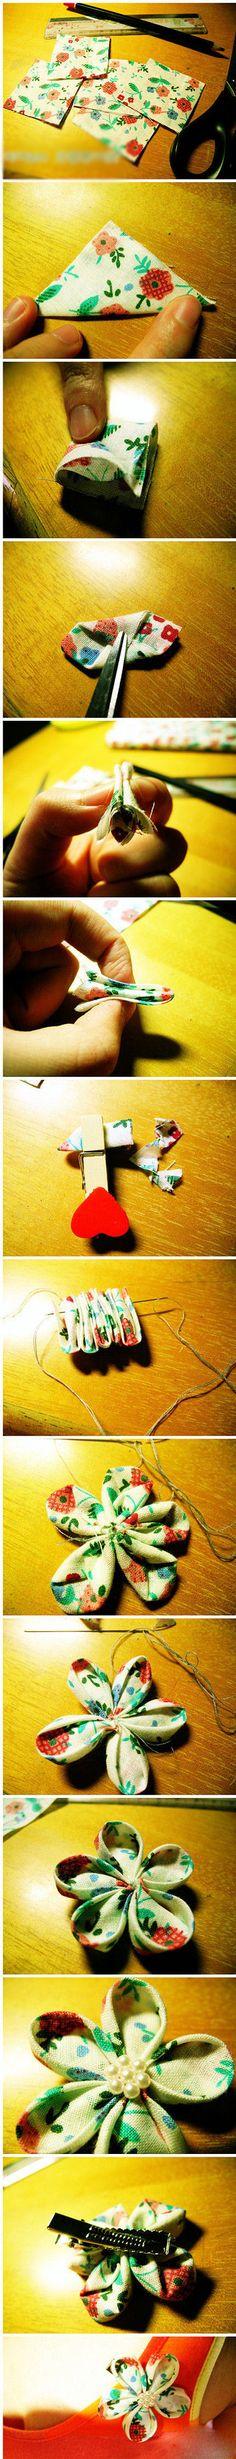 DIY Hair Bow diy craft crafts diy crafts easy diy easy craft diy bow diy accessories craft hair bow craft accessory